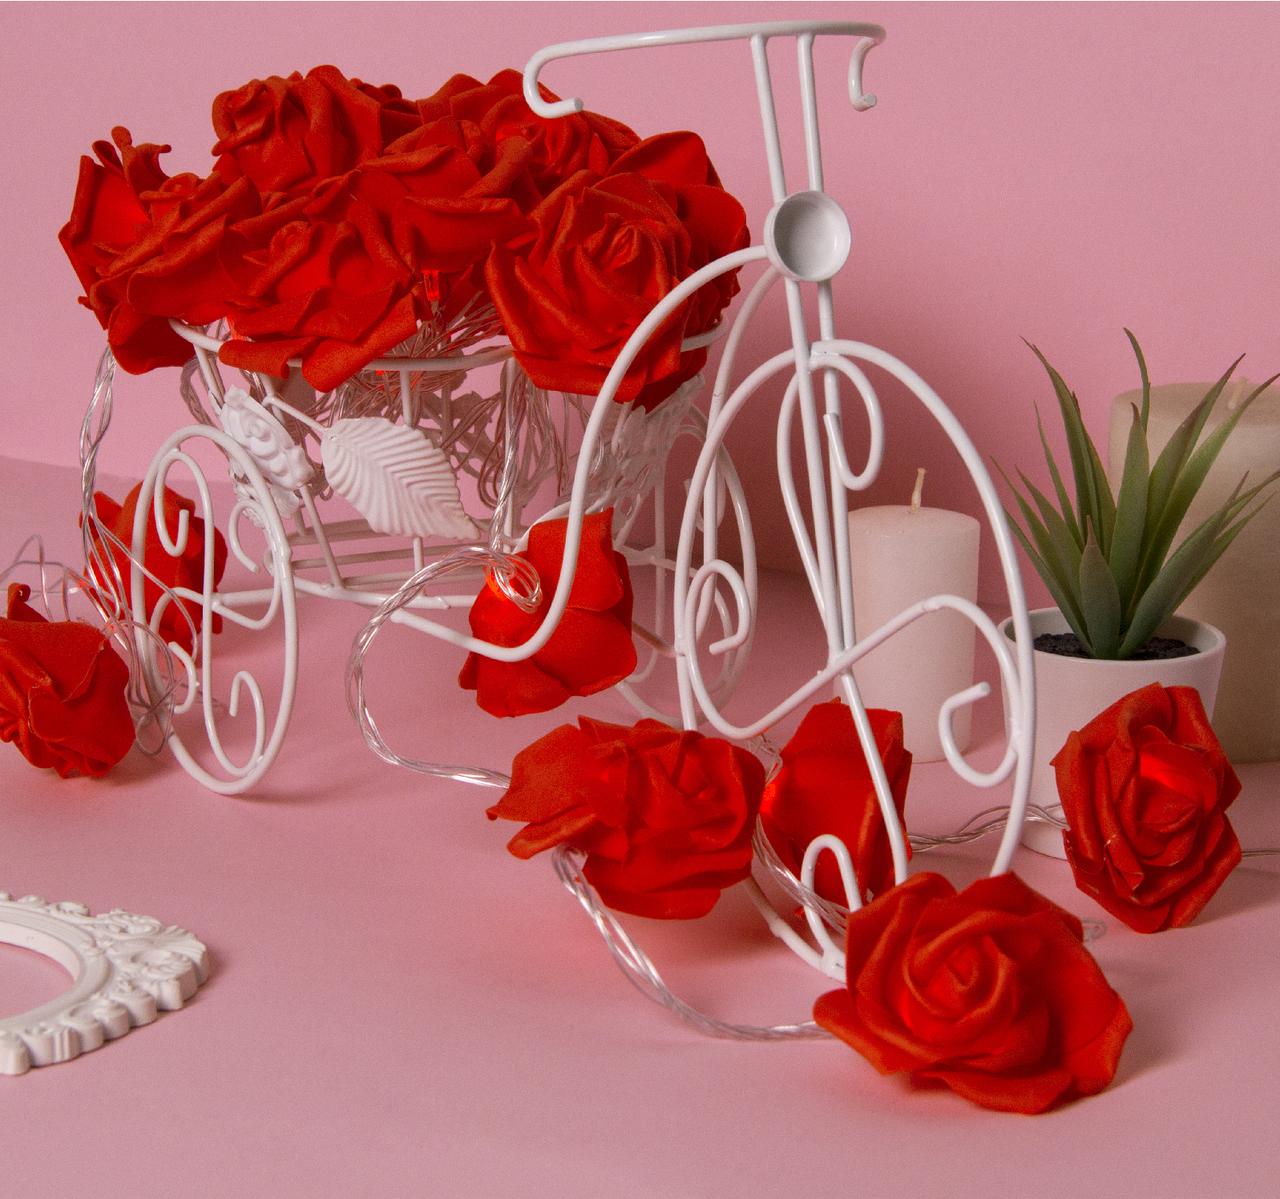 """НИТЬ с насадками 5 м """"Розы красные"""" 7 см, Н. С. УМС вилка, 20 LED-220V, фиксинг,КРАСНЫЙ"""